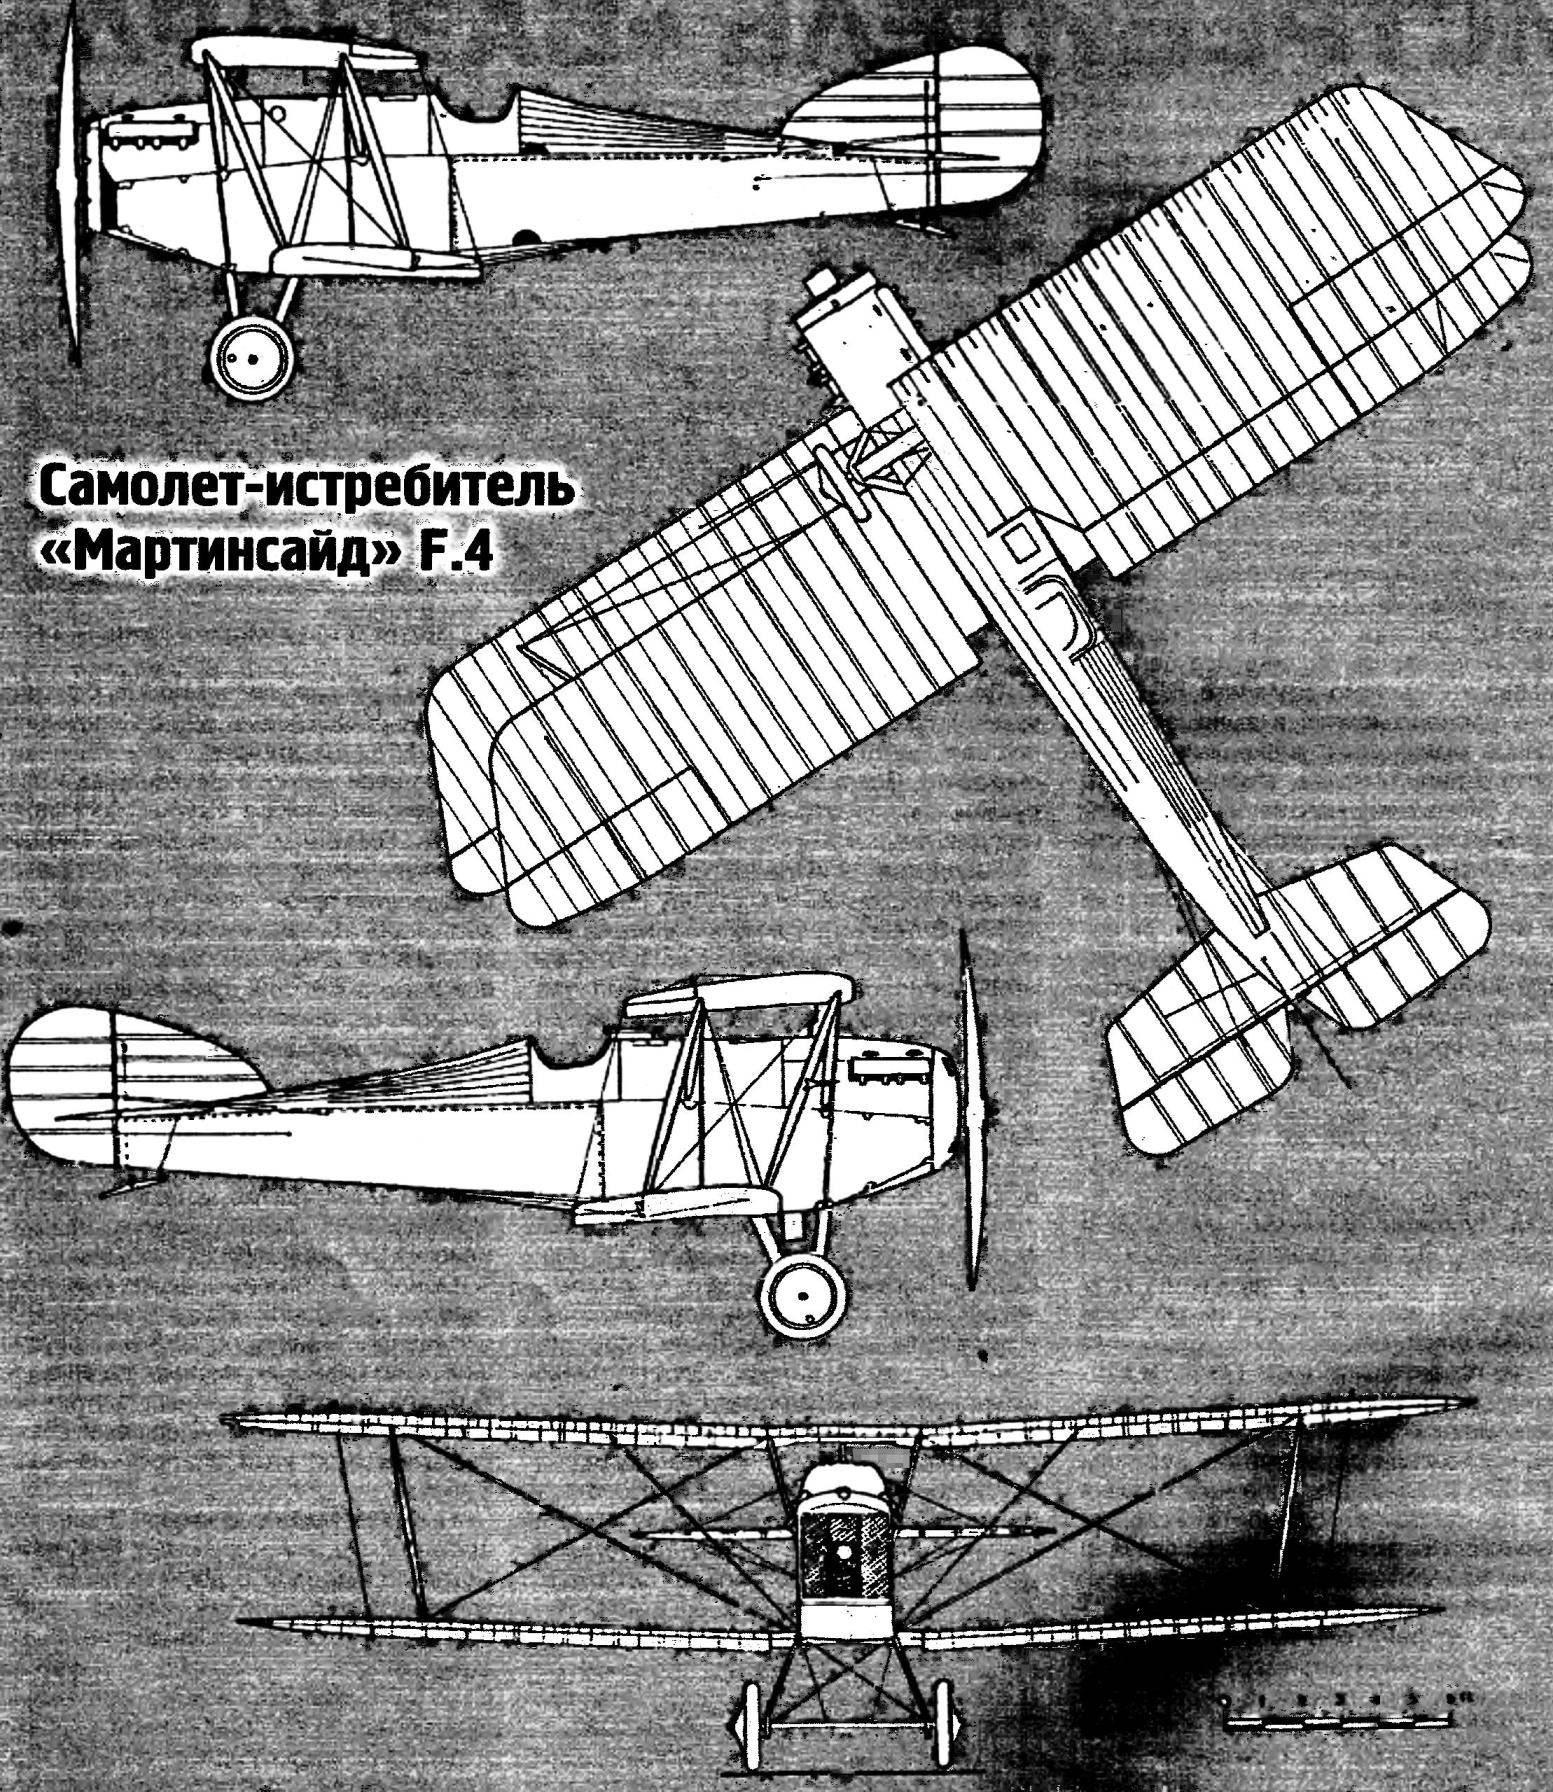 Самолет-истребитель «Мартиzсайд» F.4